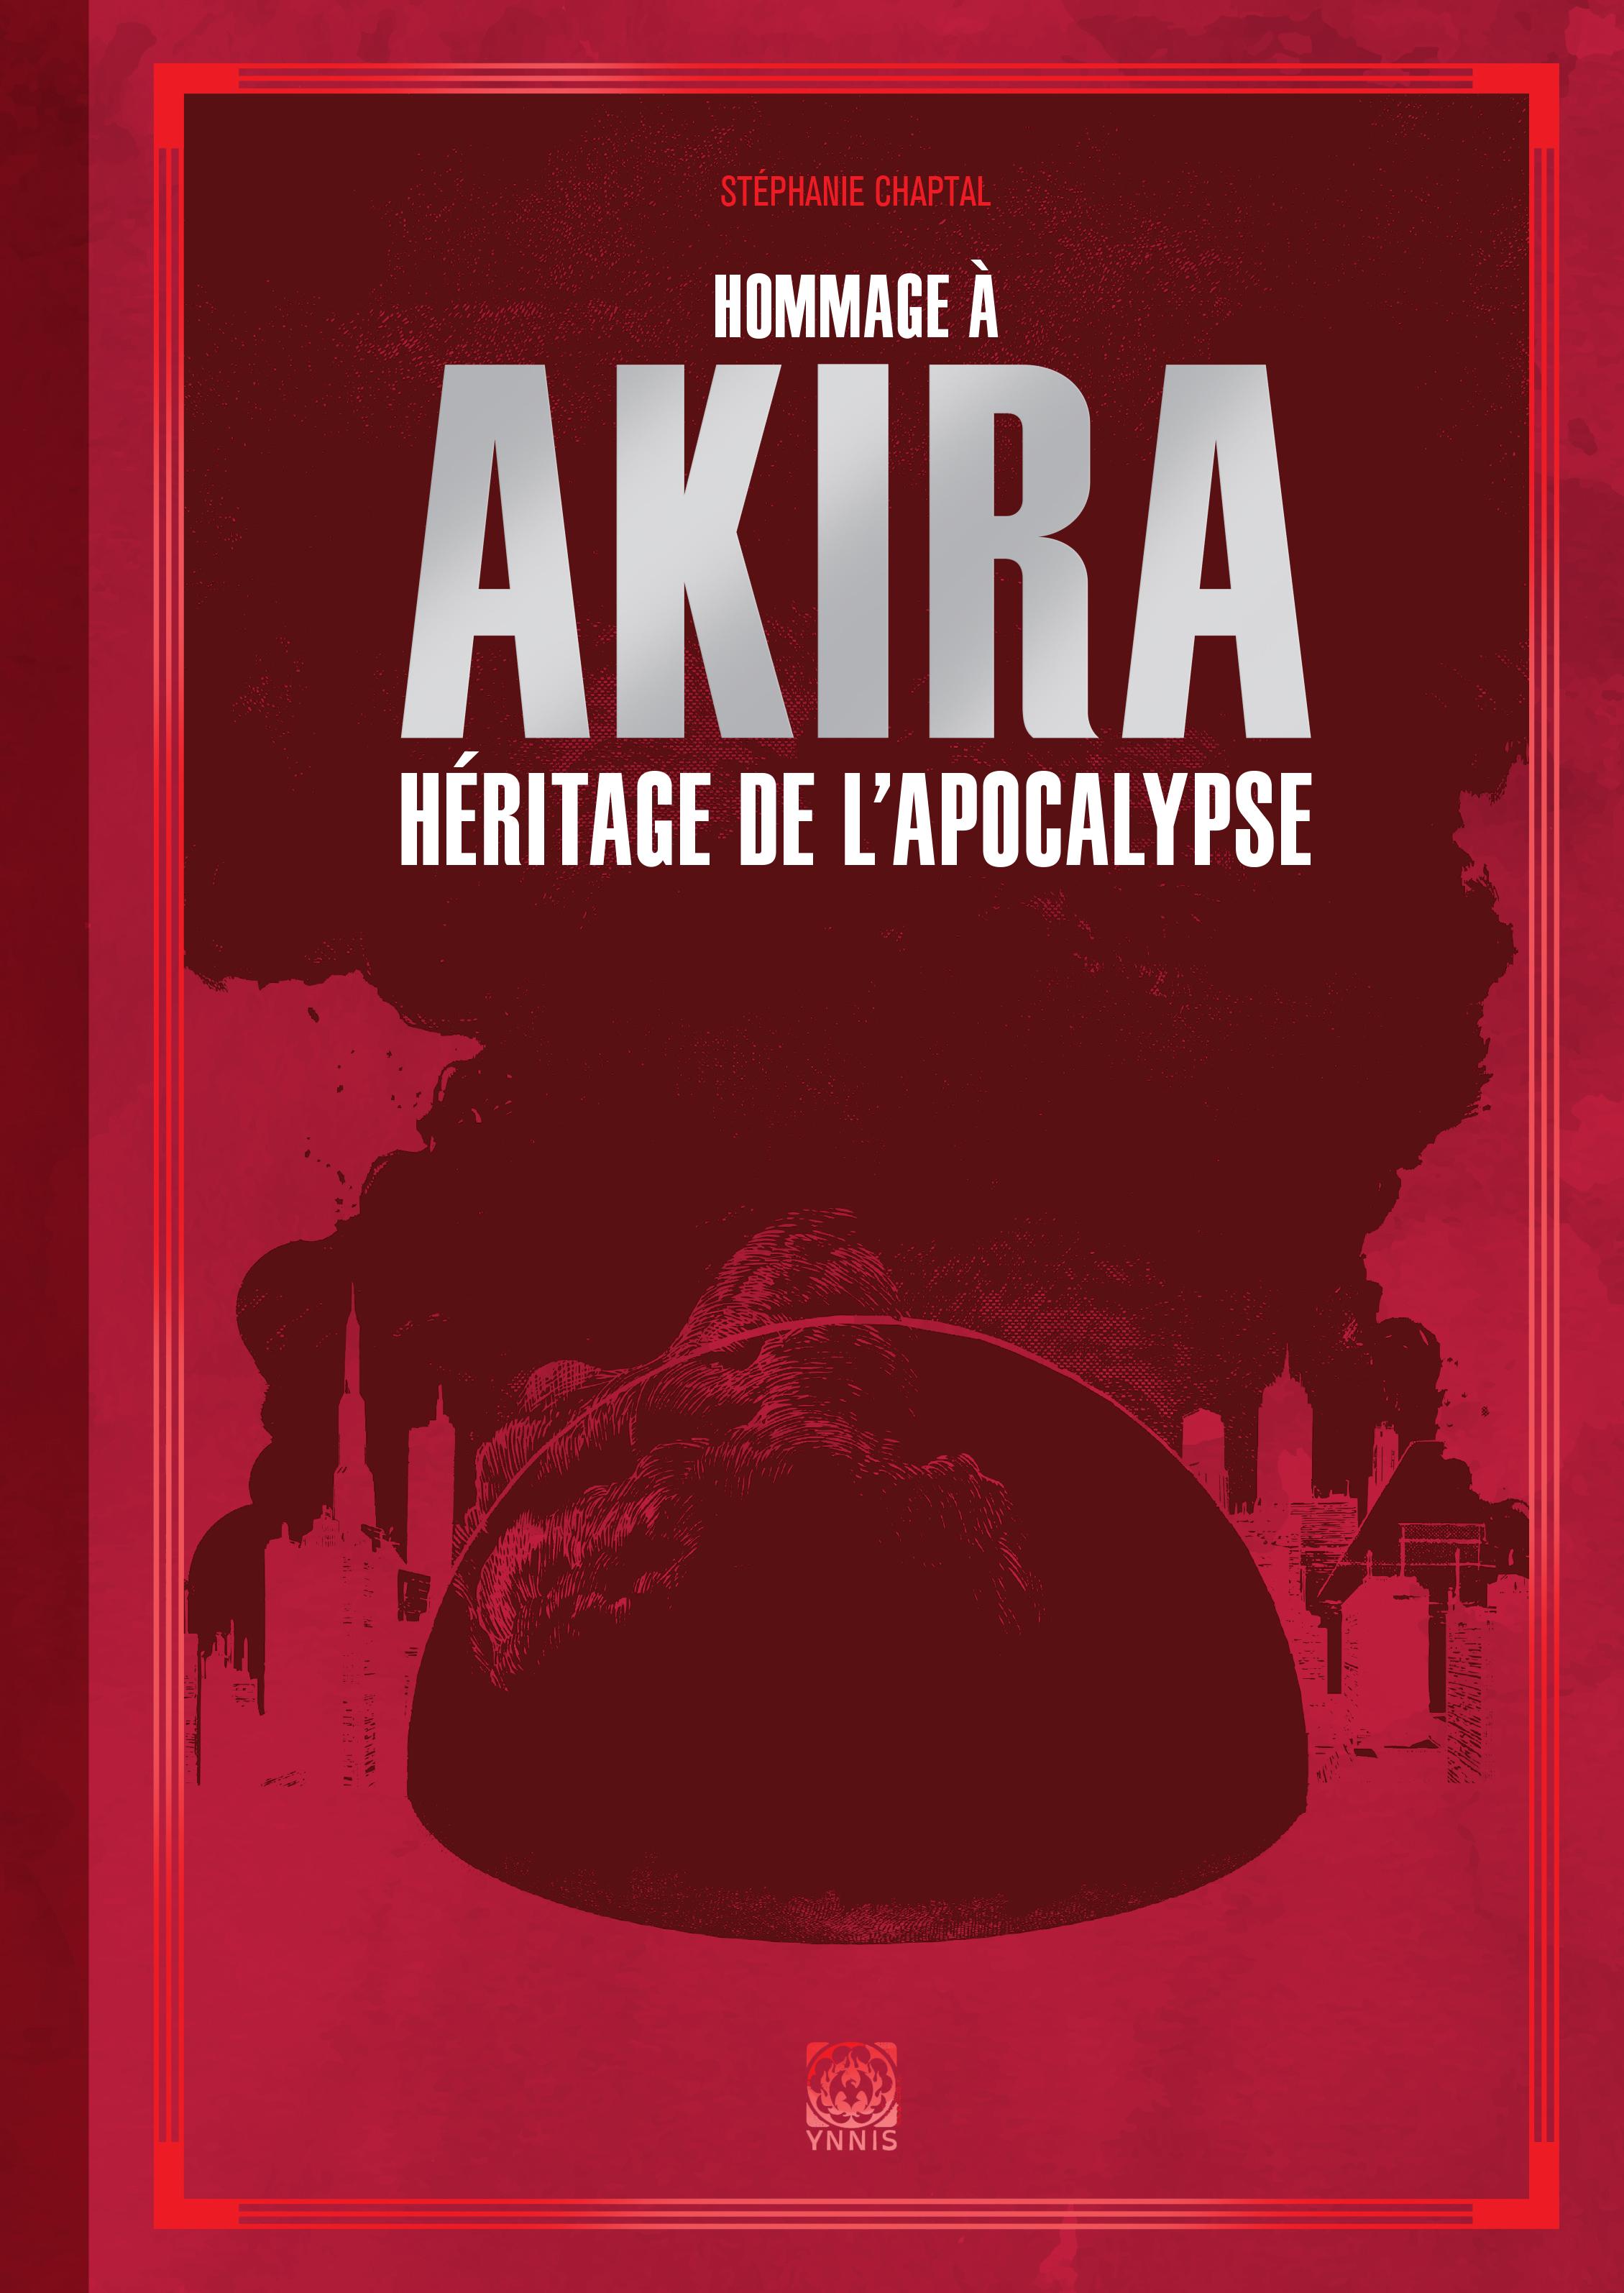 hommage_akira_C1 (1)